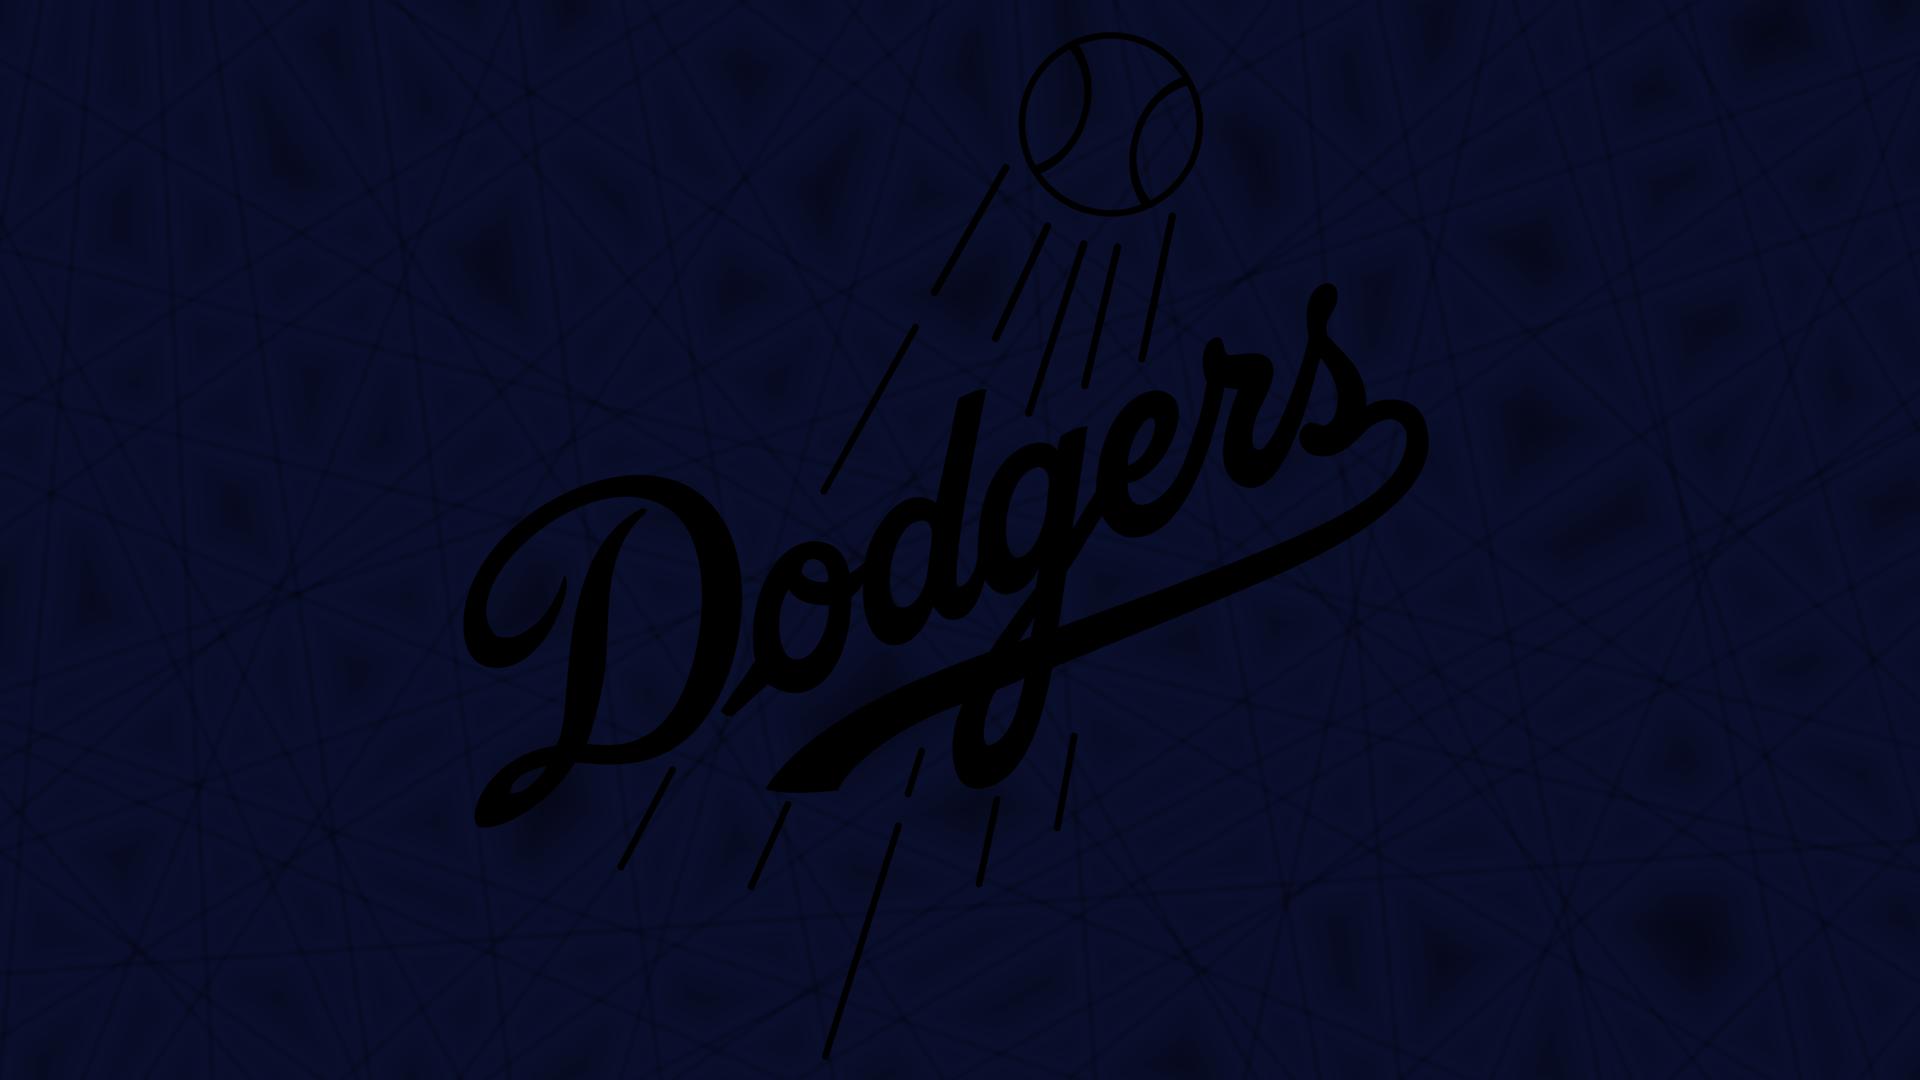 la dodgers desktop wallpaper hd - photo #7